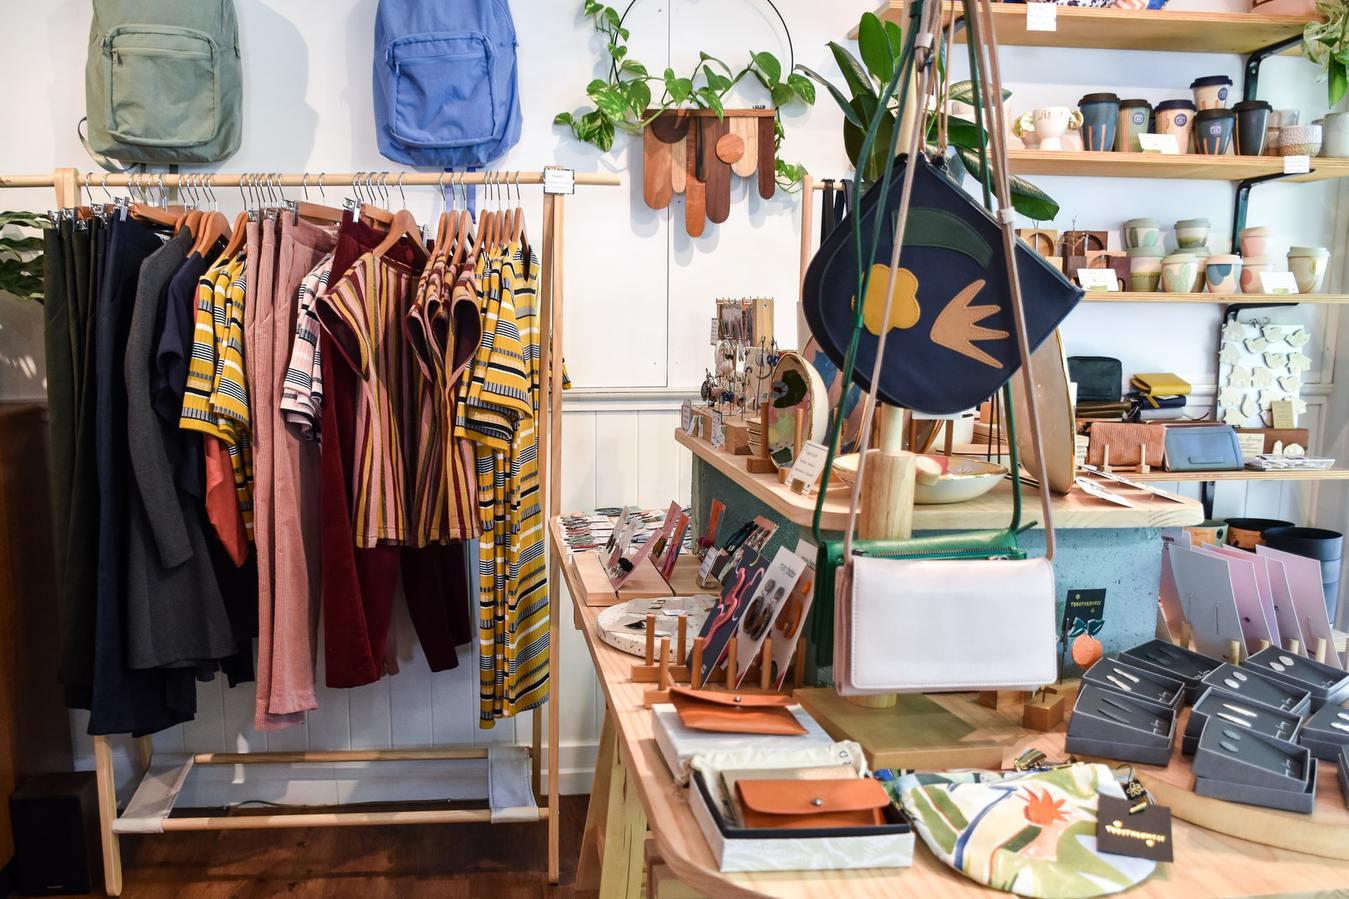 Sustainable Fashion Clothing Shop